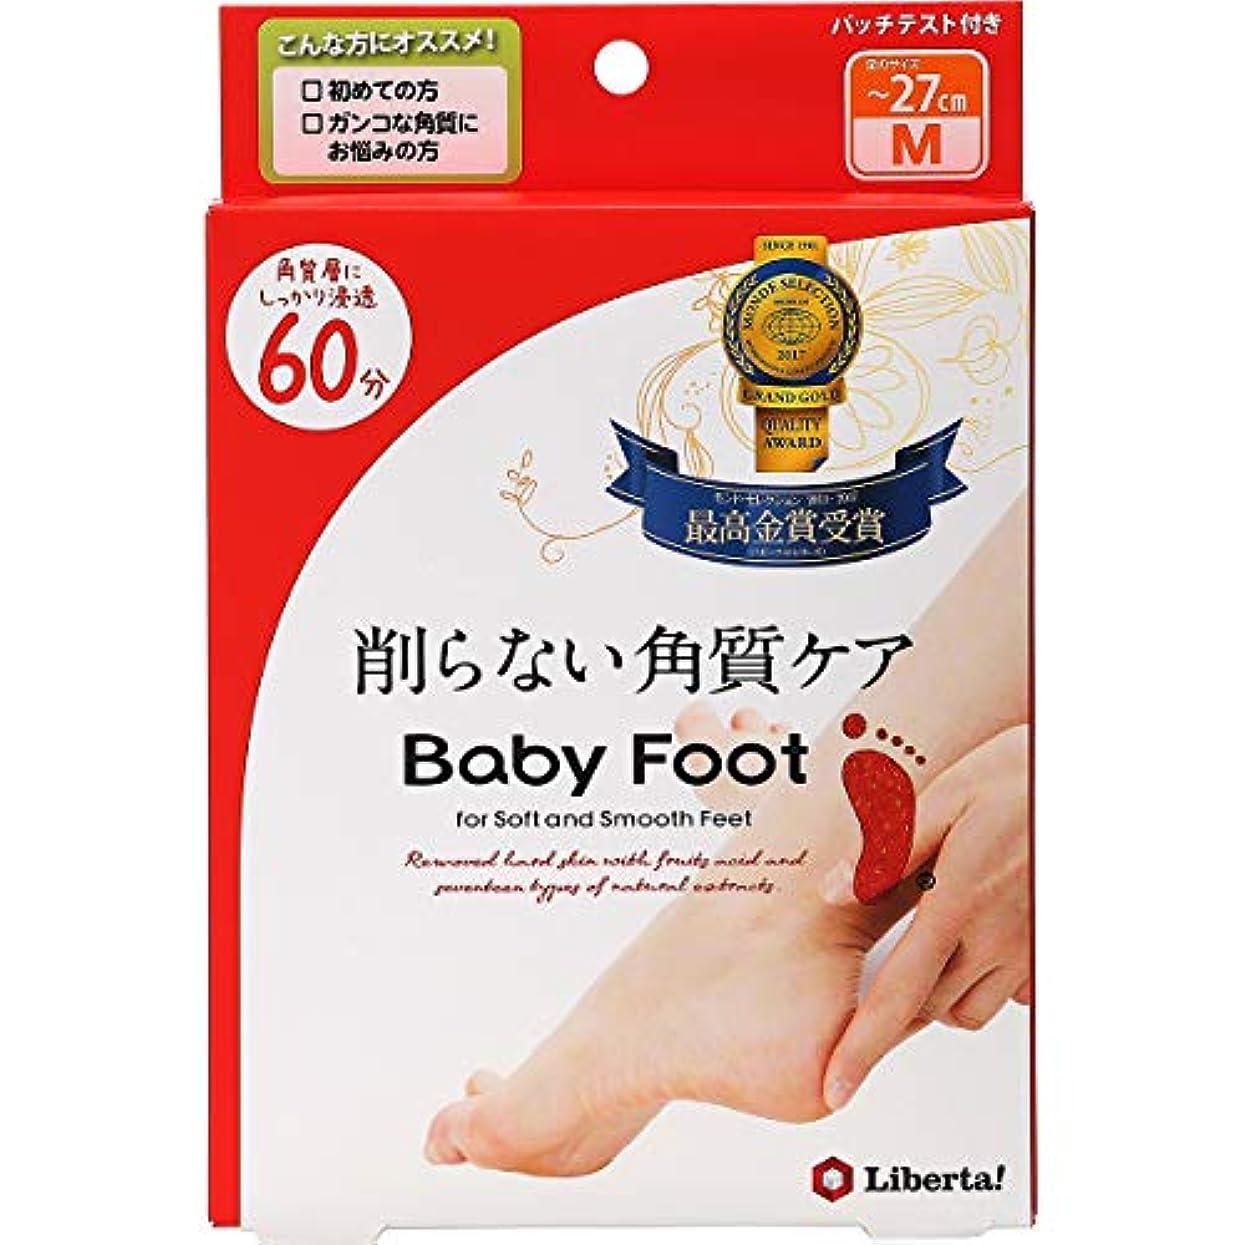 買い手生き残ります白雪姫ベビーフット (Baby Foot) ベビーフット イージーパック SPT60分タイプ Mサイズ 単品